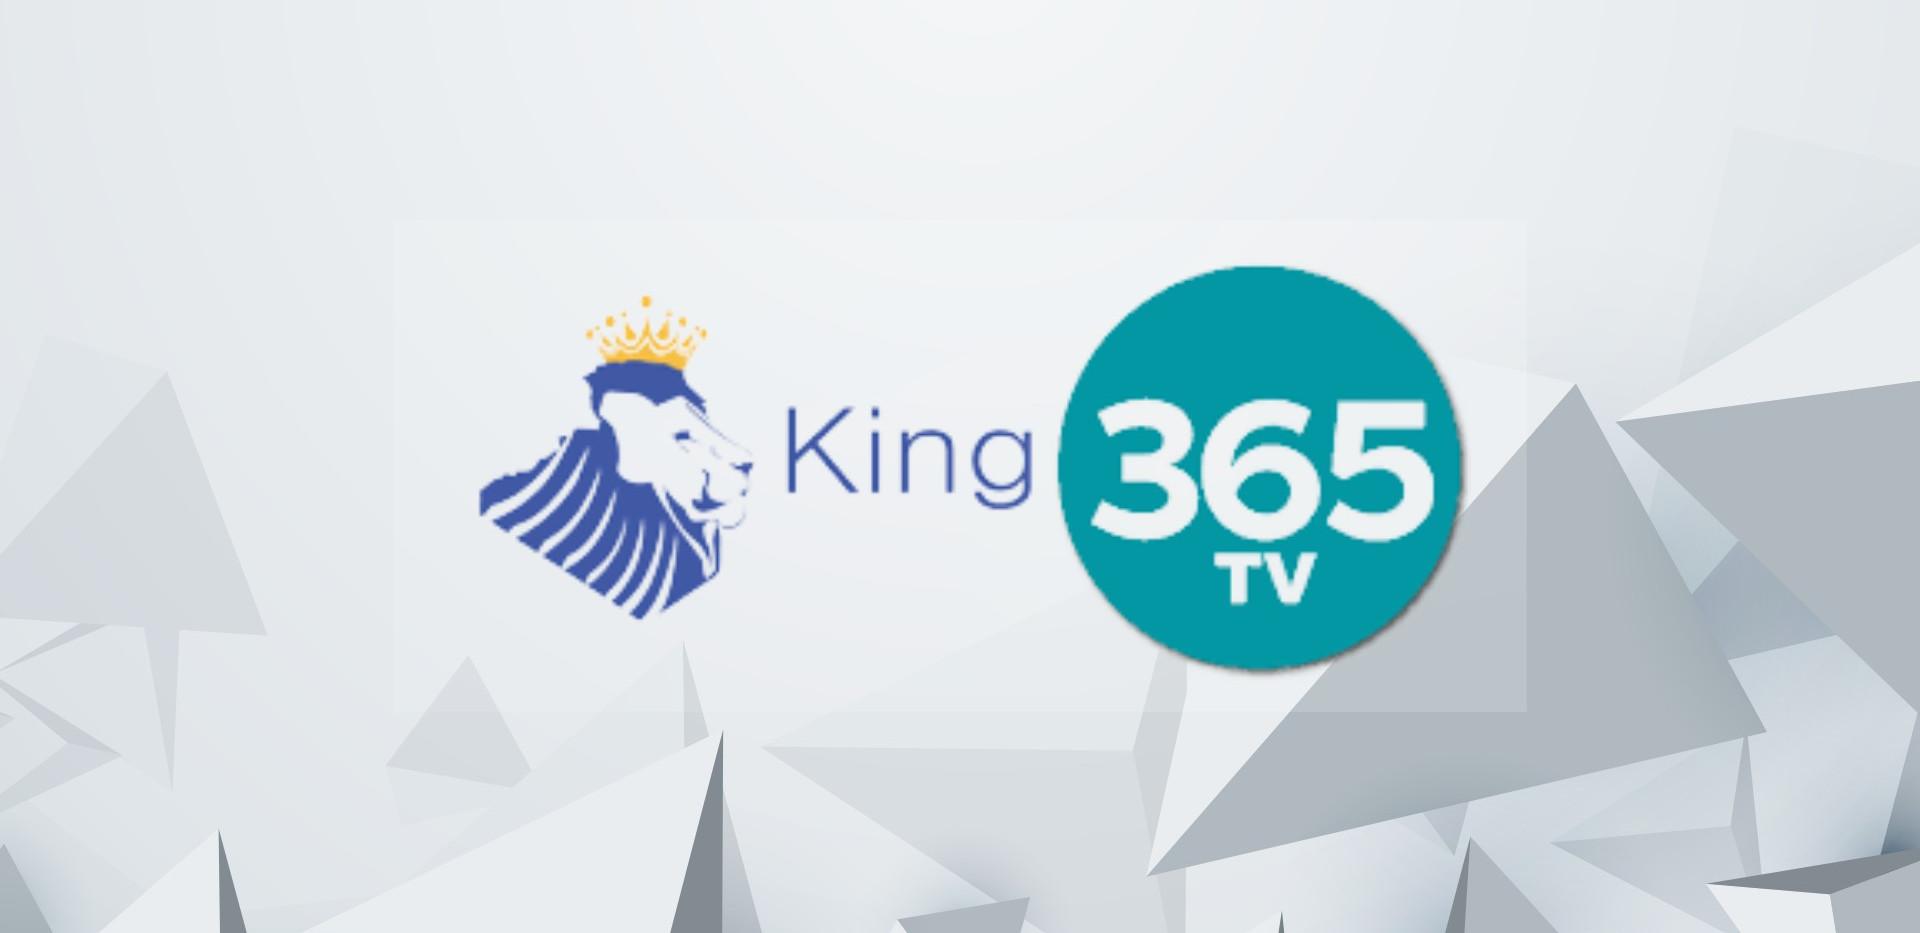 king iptv 365.jpeg